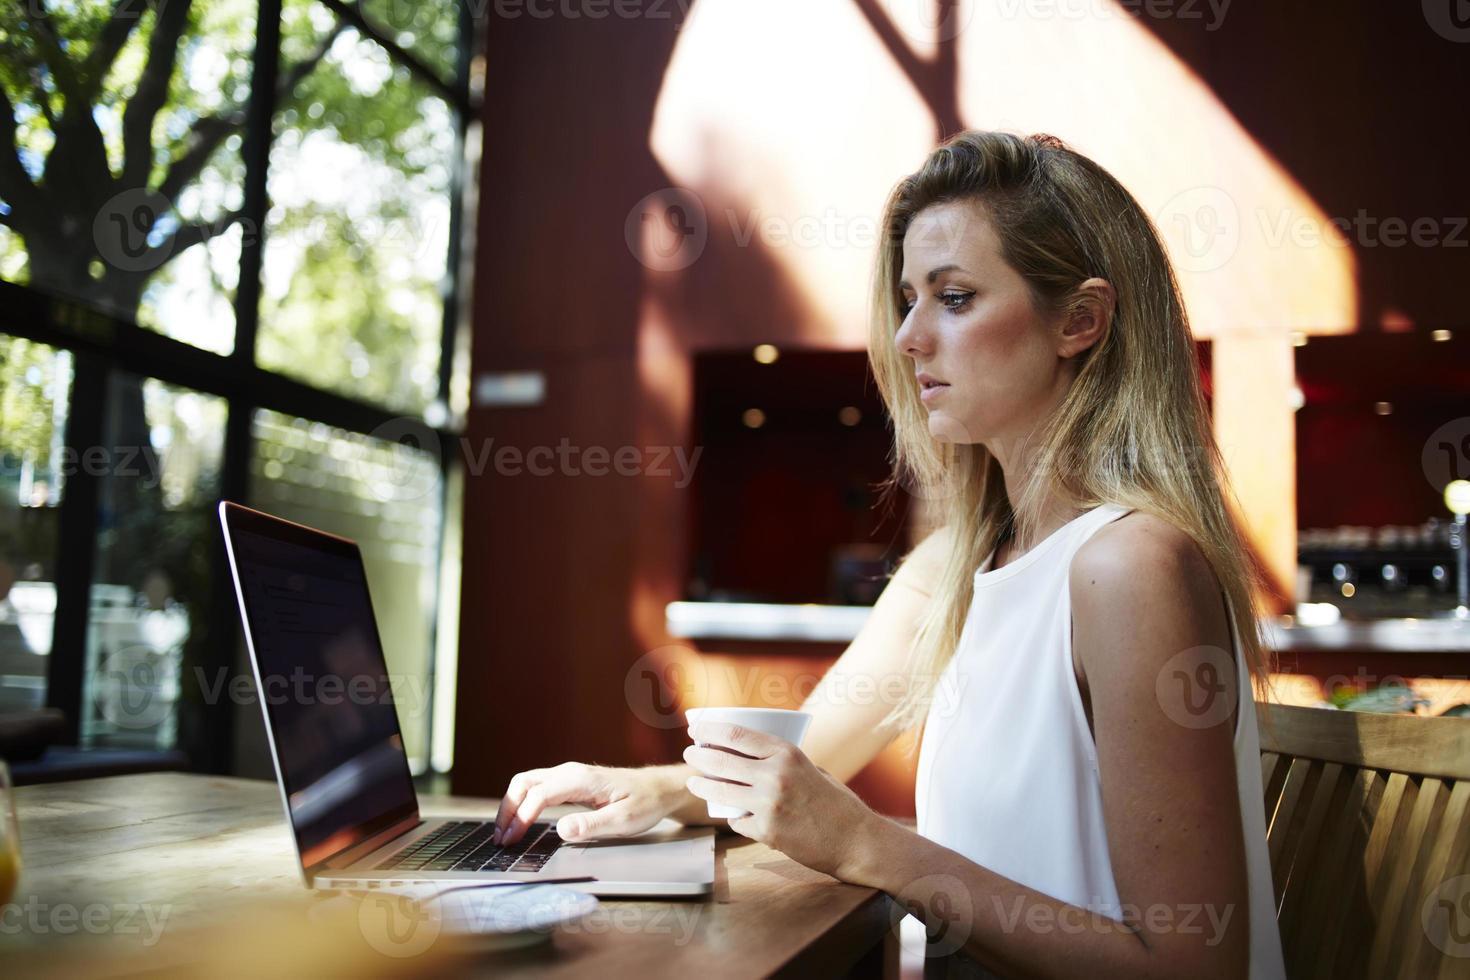 vrouw met kopje koffie tijdens het lezen van tekst op net-boek foto